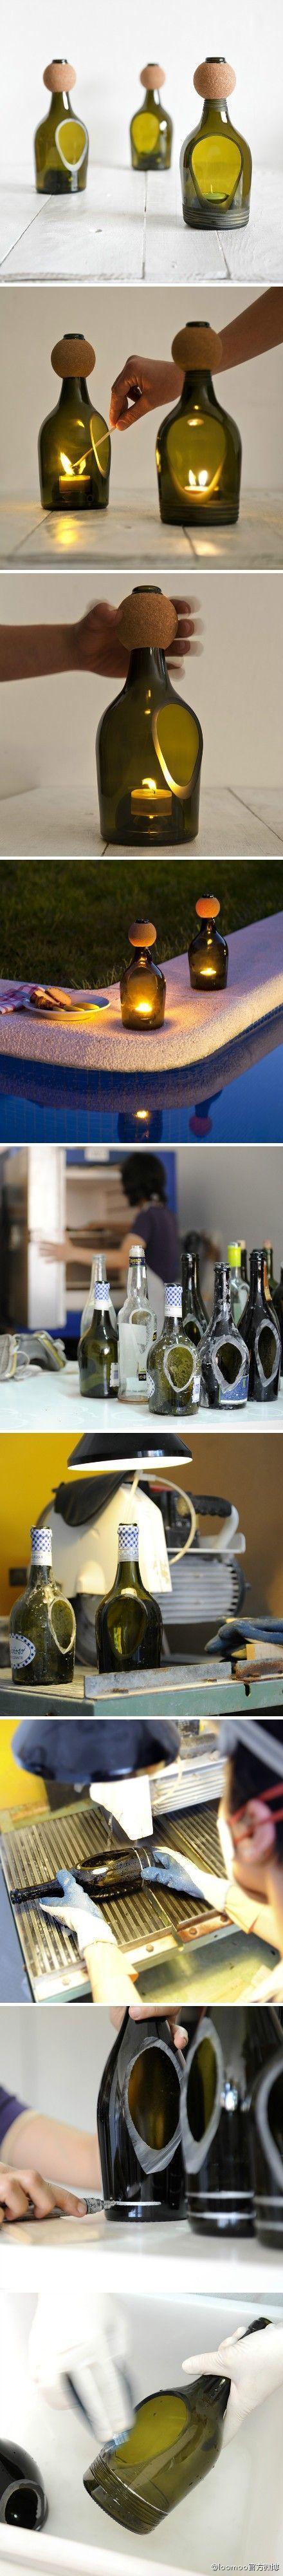 10 DIY Bottle Light Ideas Pretty